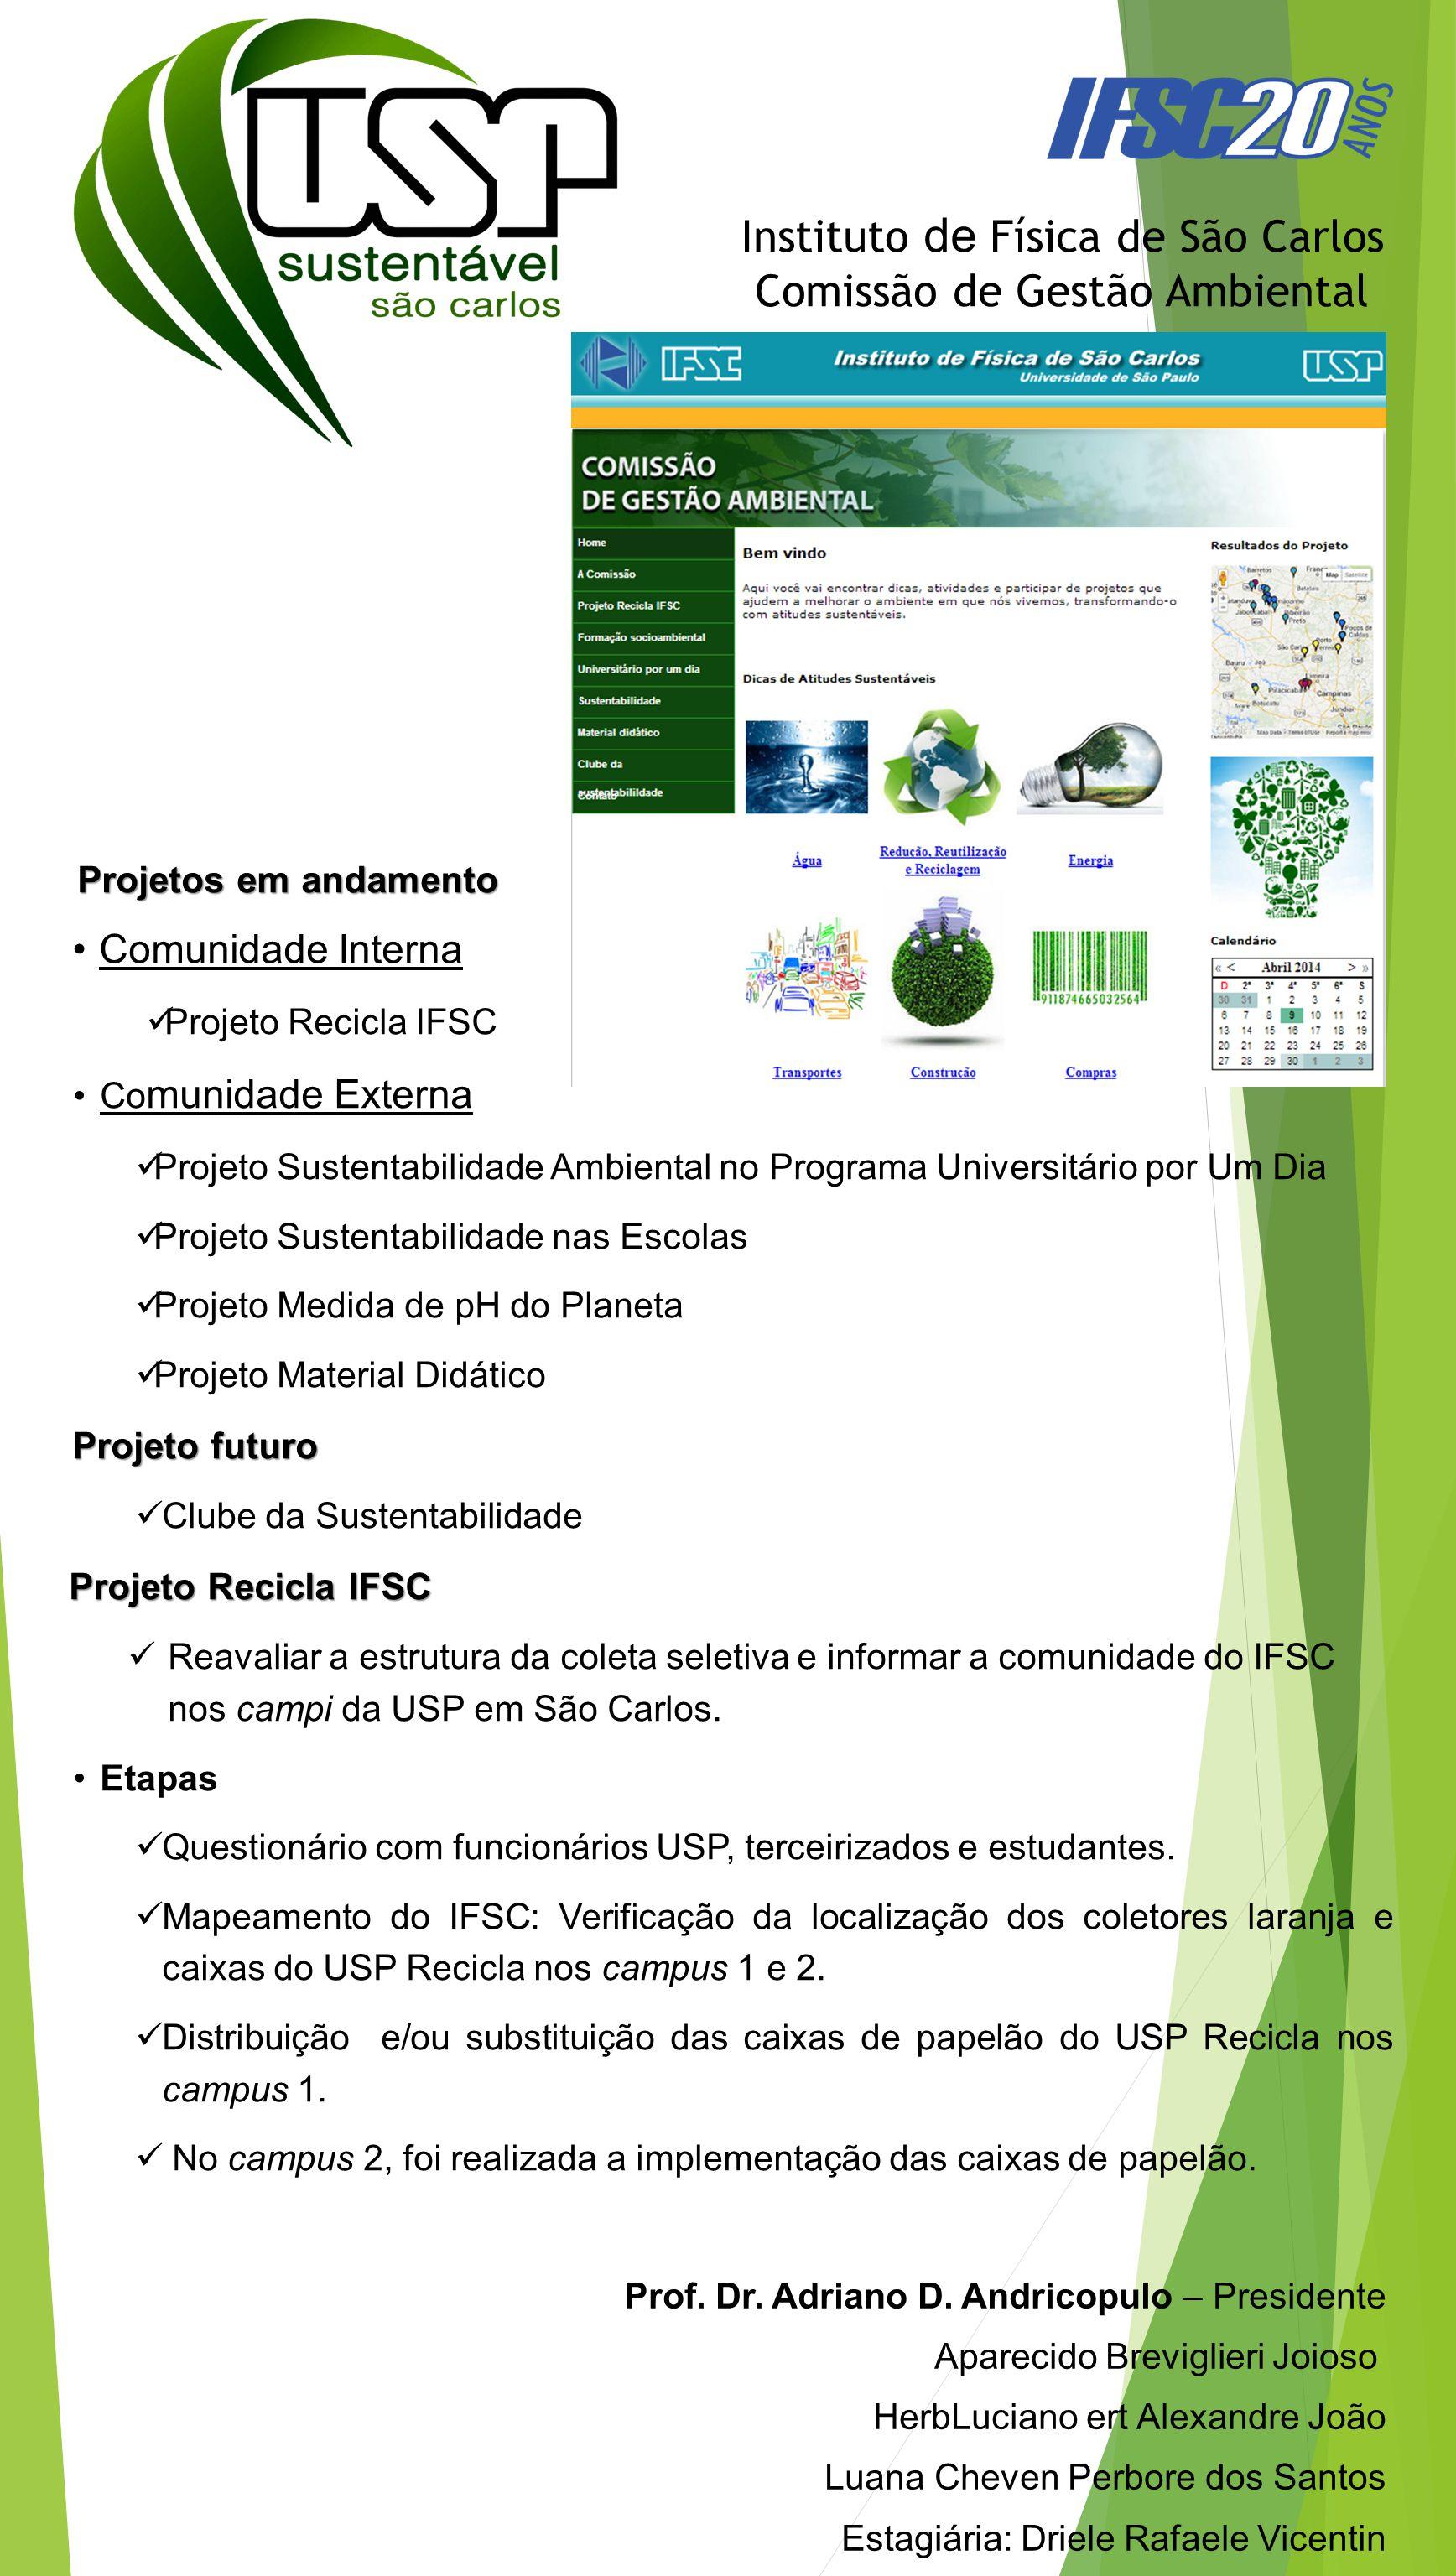 Projeto Sustentabilidade Ambiental no Programa Universitário por Um Dia Palestra diária para estudantes de Ensino Médio: Aborda os projetos realizados na USP relacionados ao tema Sustentabilidade (USP Recicla, compostagem, etc.).